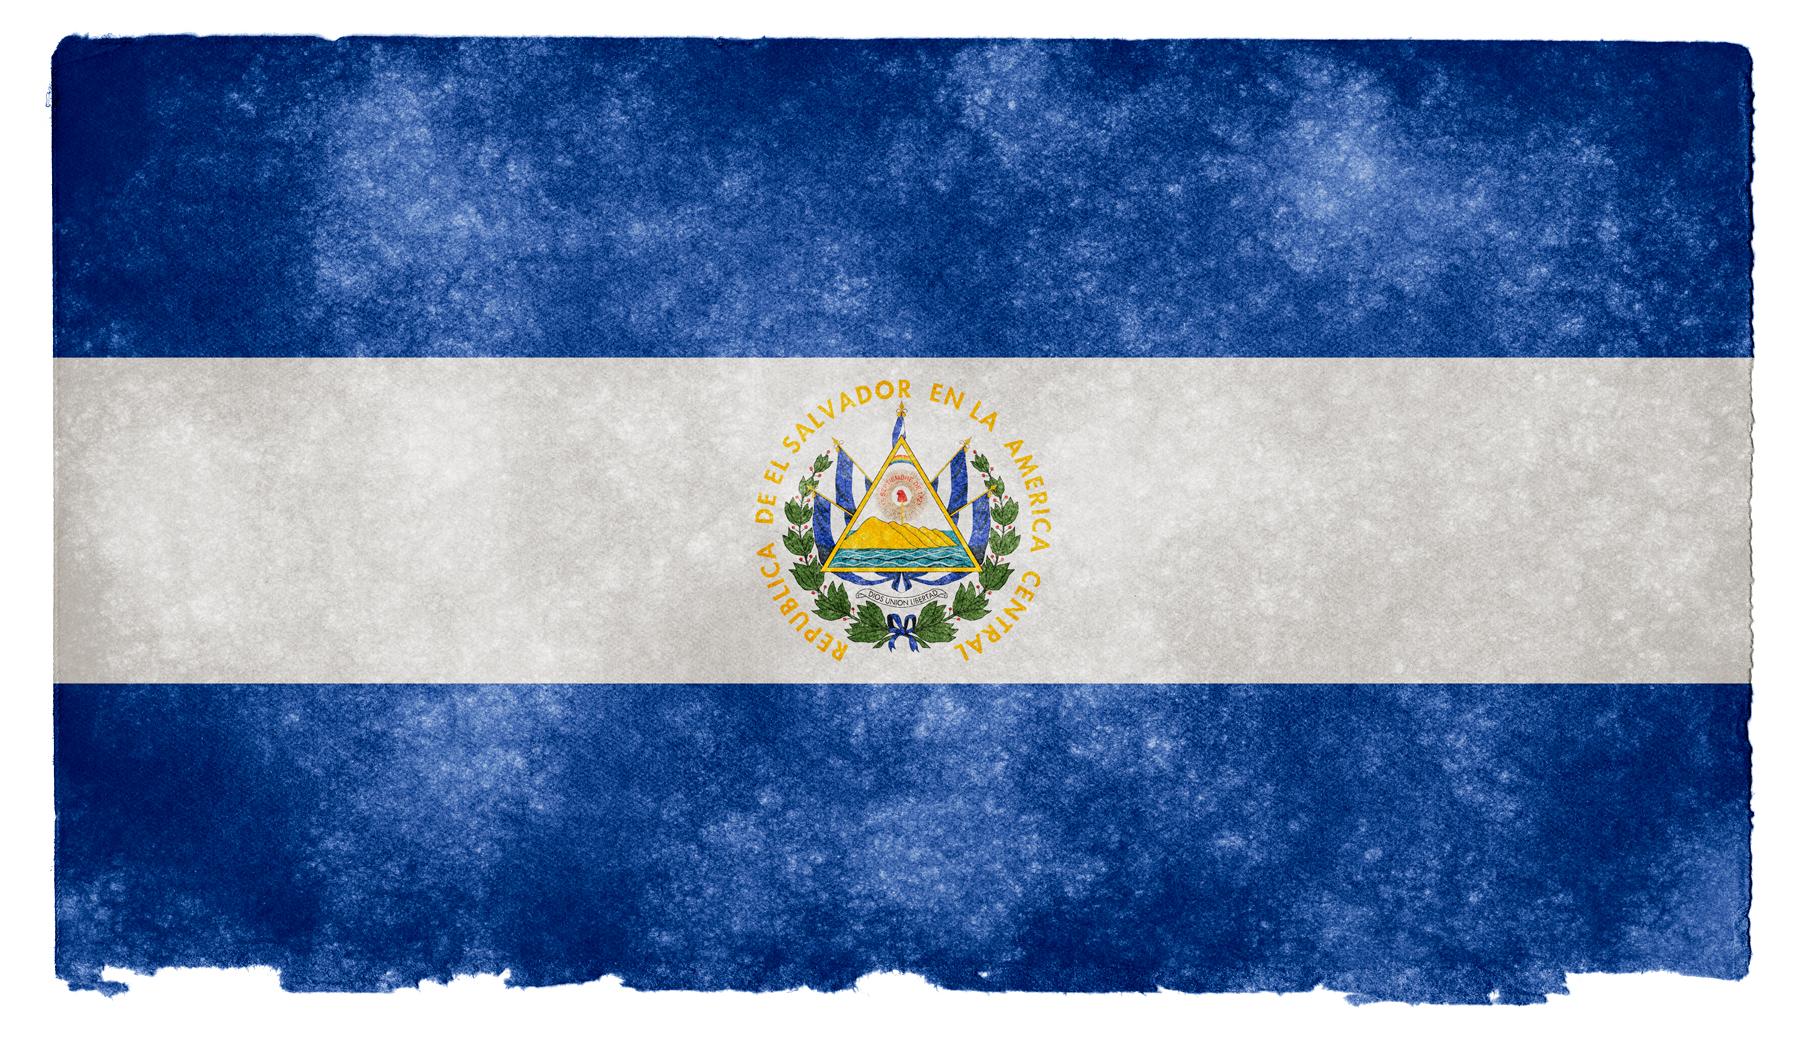 El Salvador Grunge Flag, Aged, Retro, Nation, National, HQ Photo